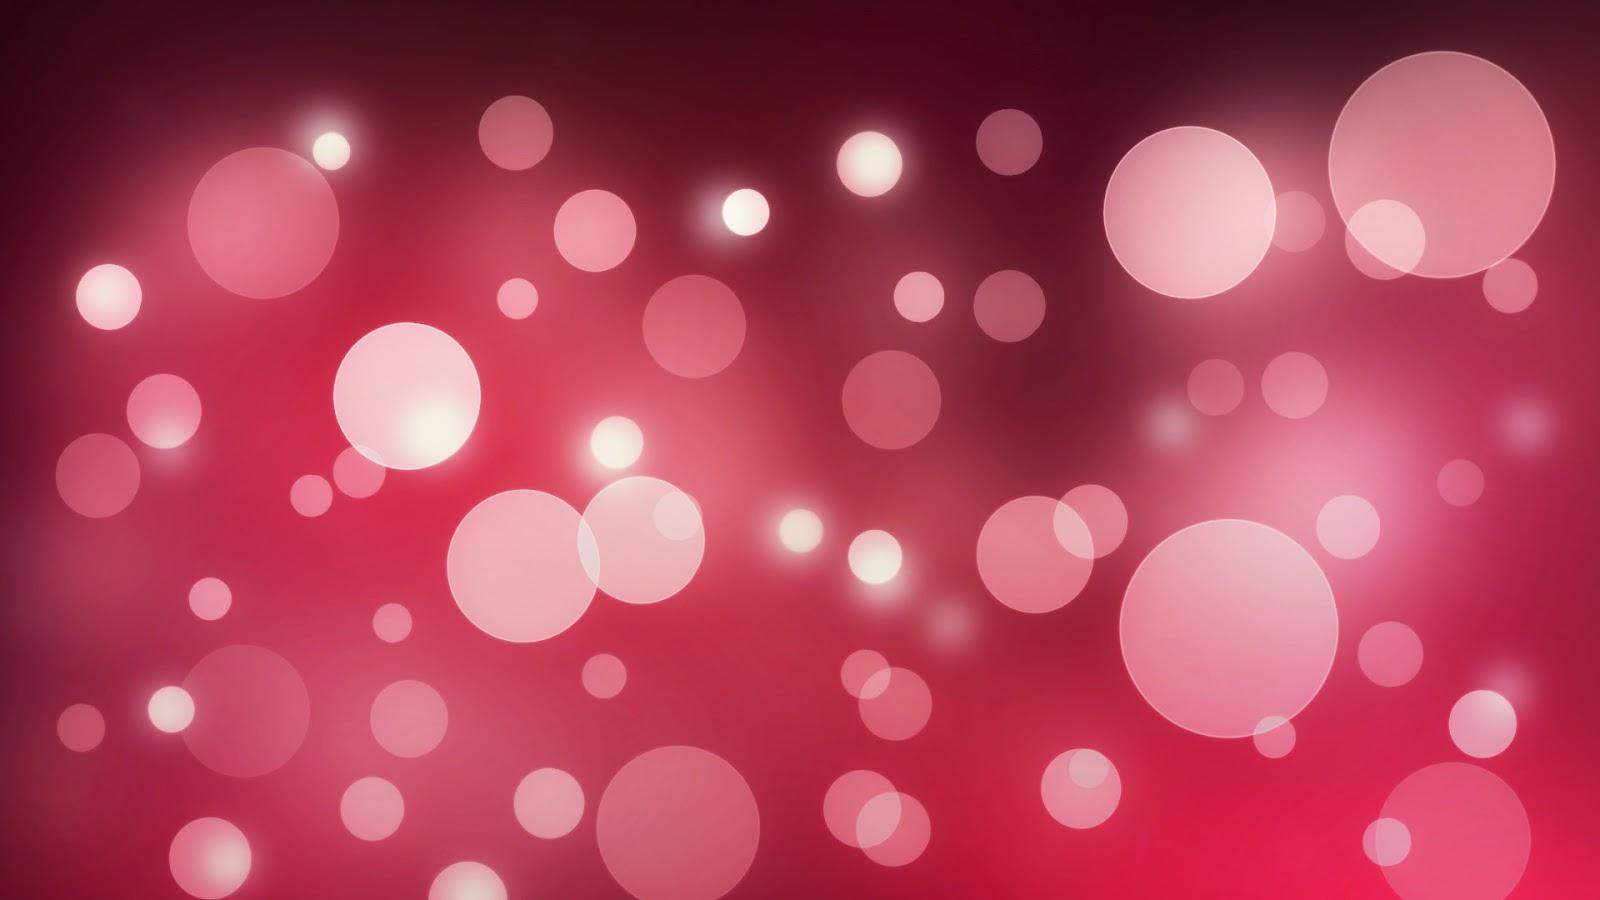 pink glitter wallpaper hd wallpaper desktop pink wallpaper klovers the 1600x900